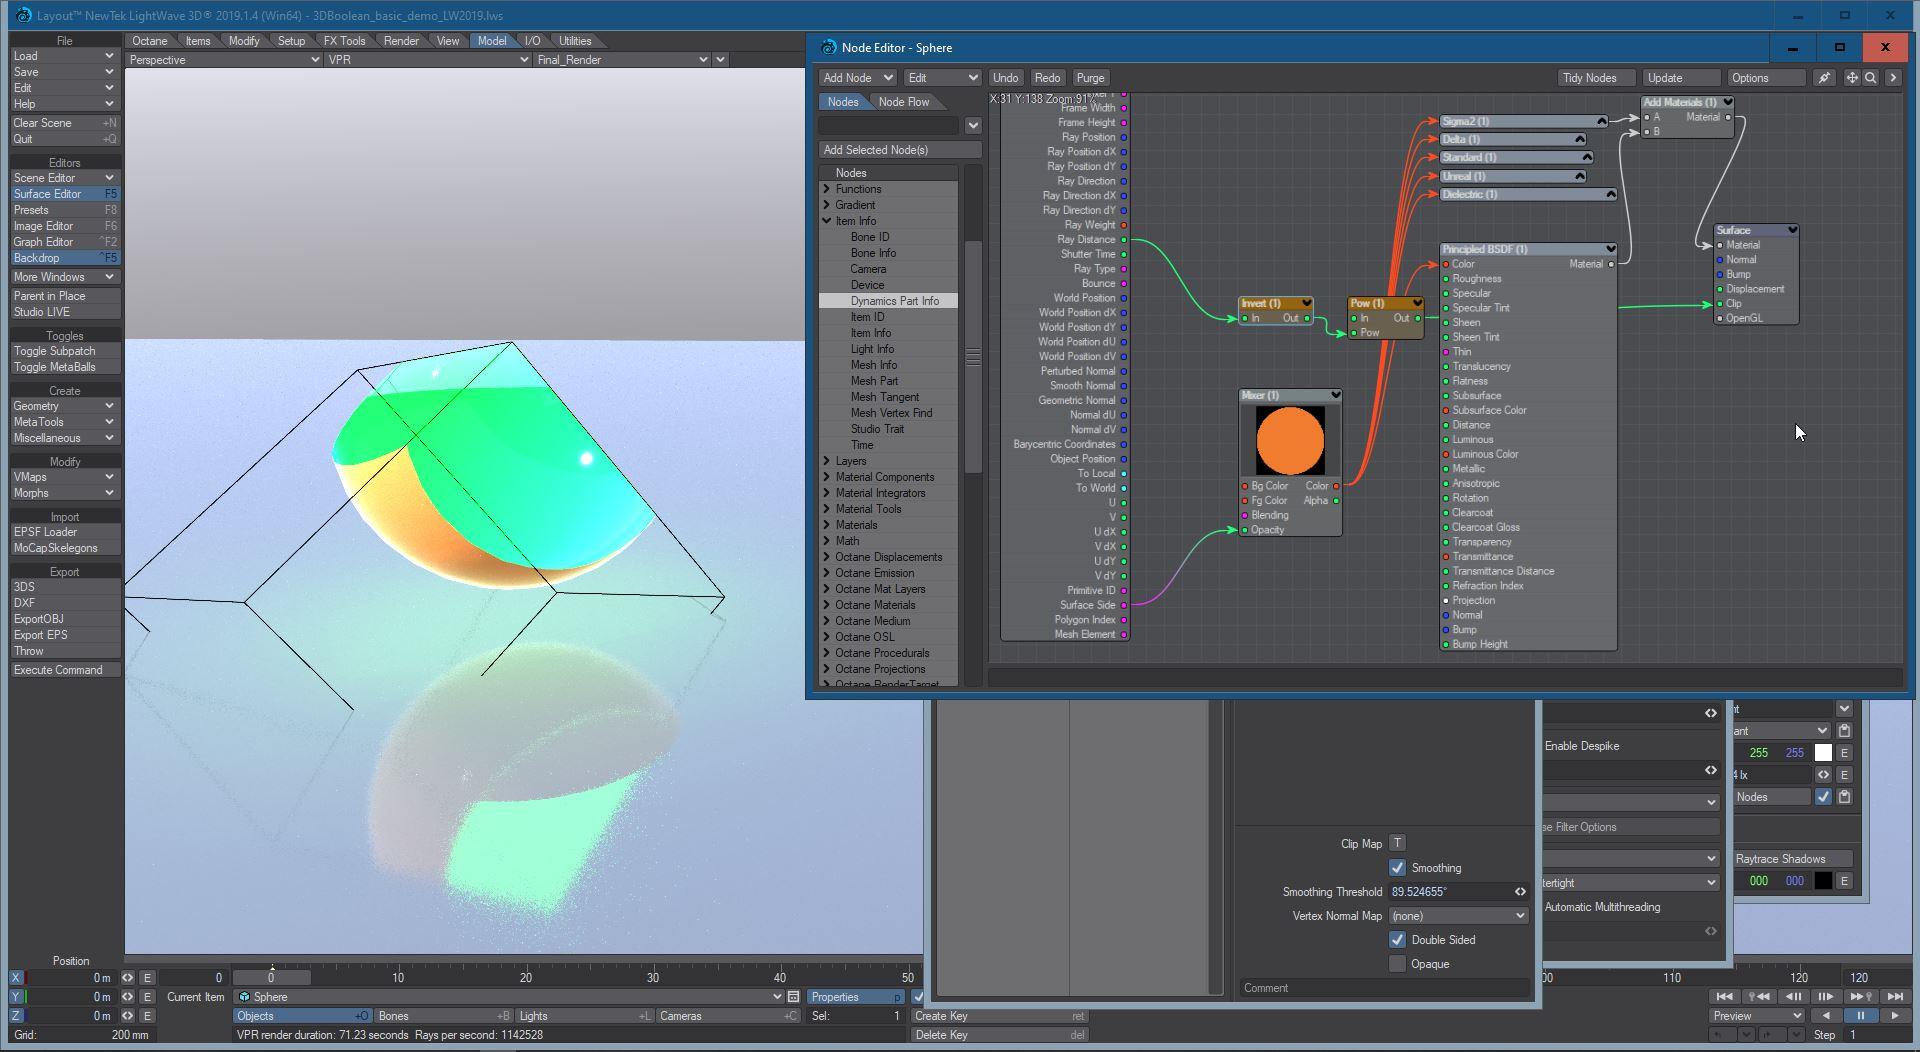 Nome: 2020-02-14 14_24_00-Layout™ NewTek LightWave 3D® 2019.1.4 (Win64) - 3DBoolean_basic_demo_LW2019..jpg Visite: 92 Dimensione: 240.9 KB